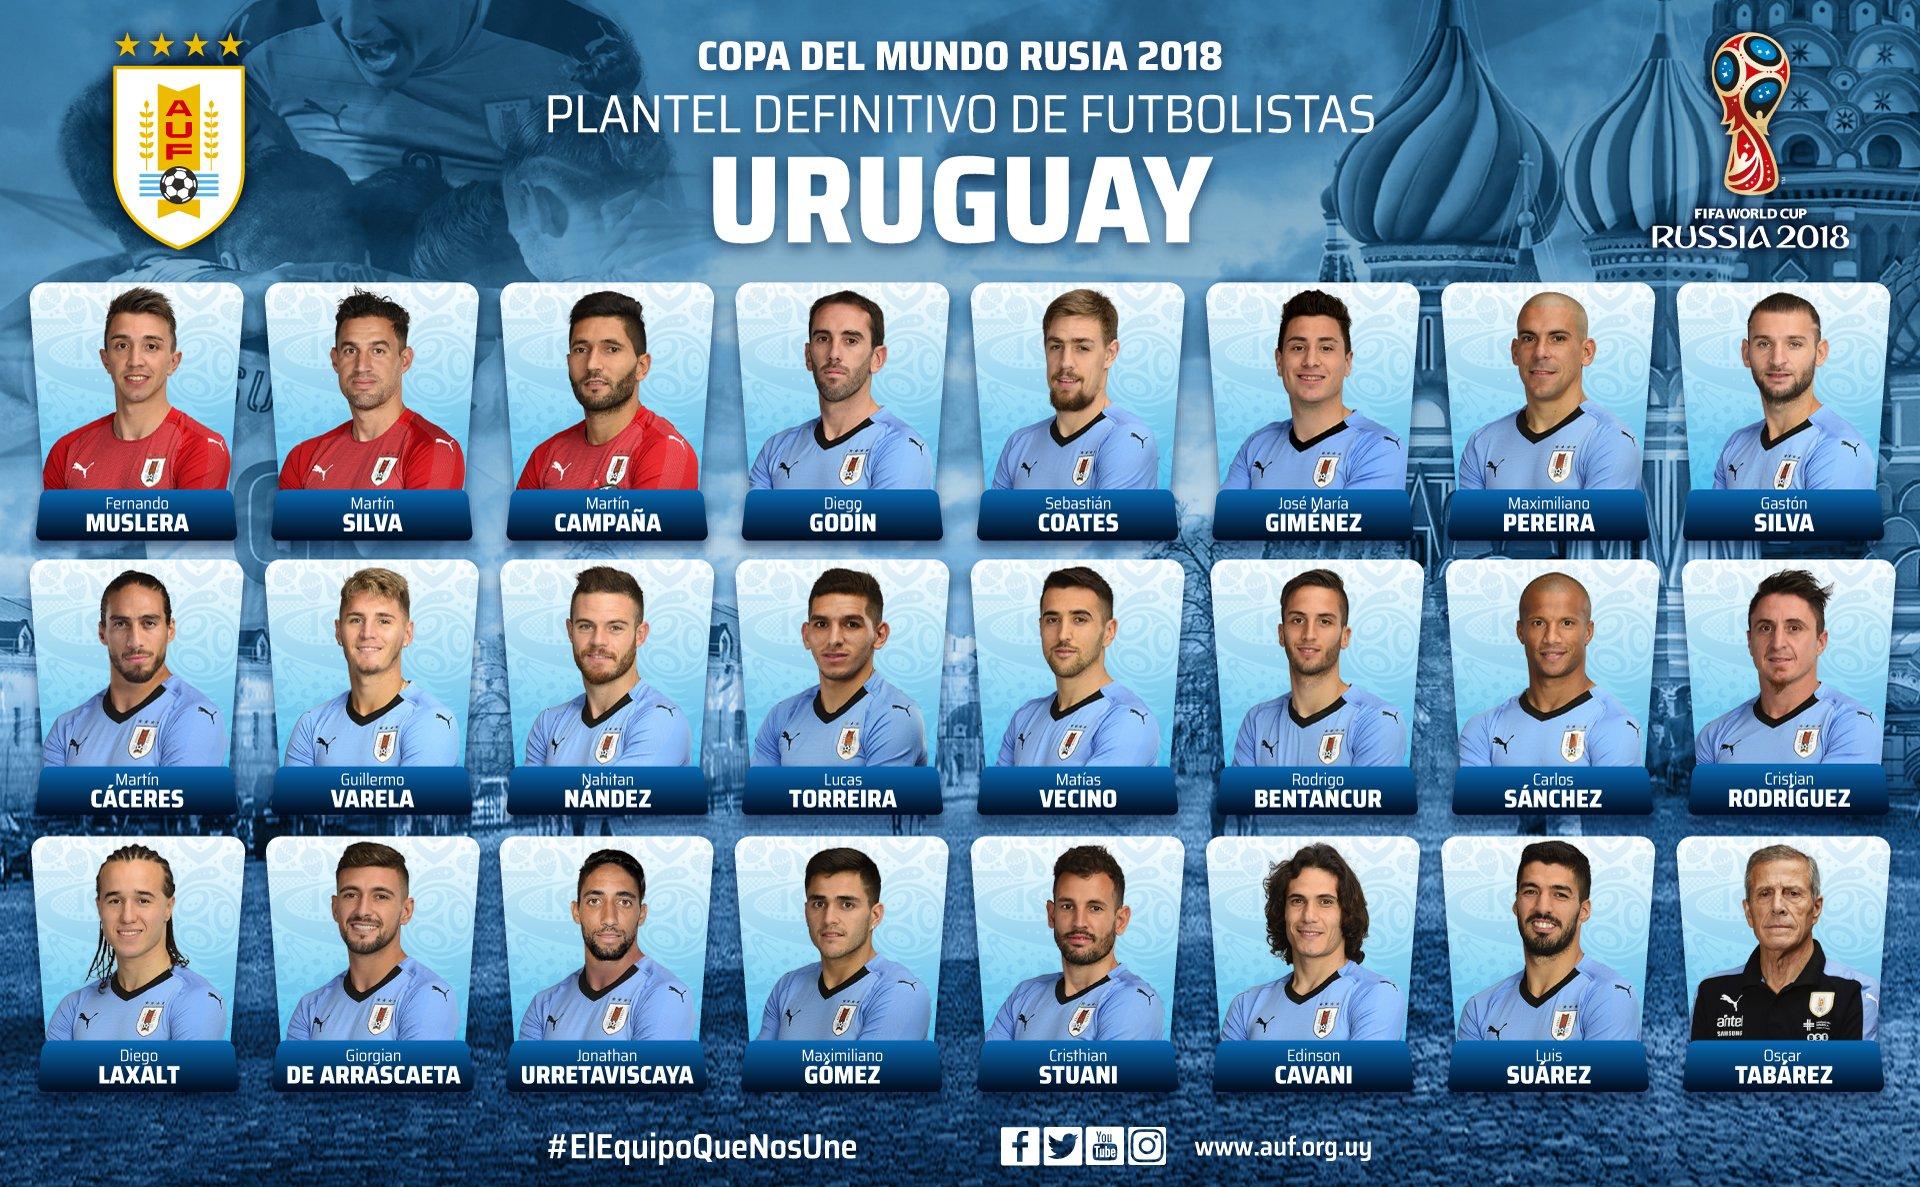 القائمة النهائية لمنتخب أوروجواي استعدادا لكأس العالم كورة